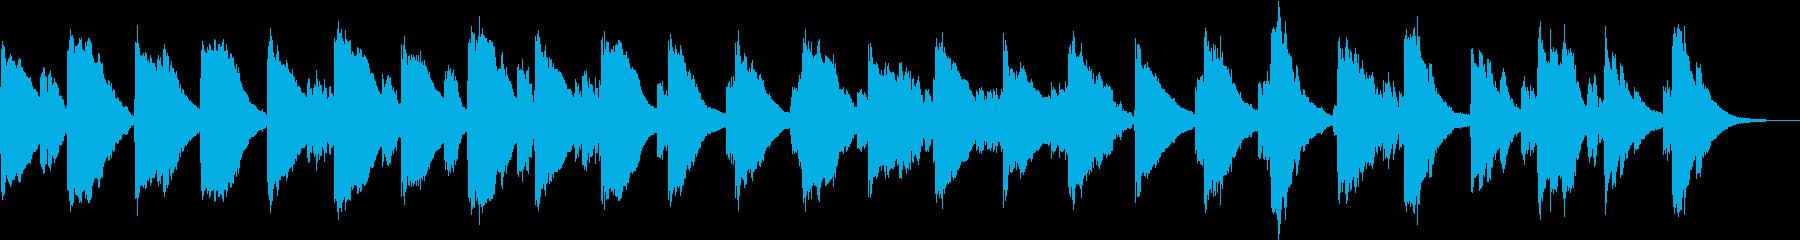 もやもやした雰囲気のアコギ曲の再生済みの波形